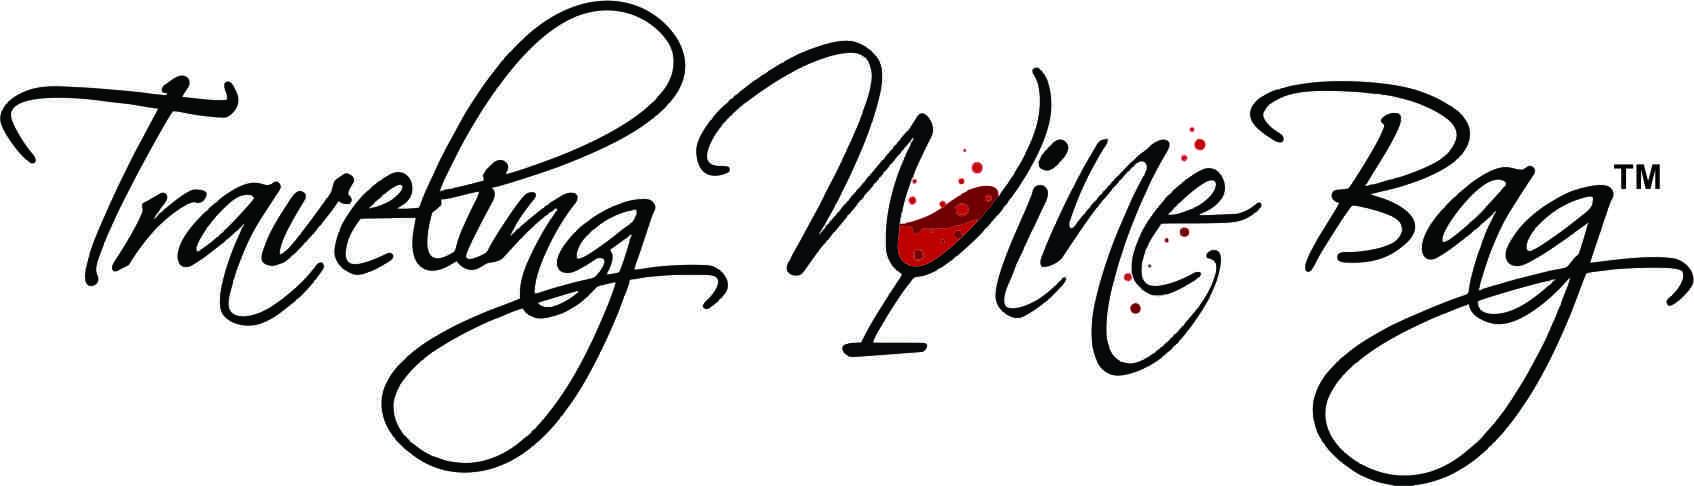 Traveling Wine Bag Logo TM.jpg